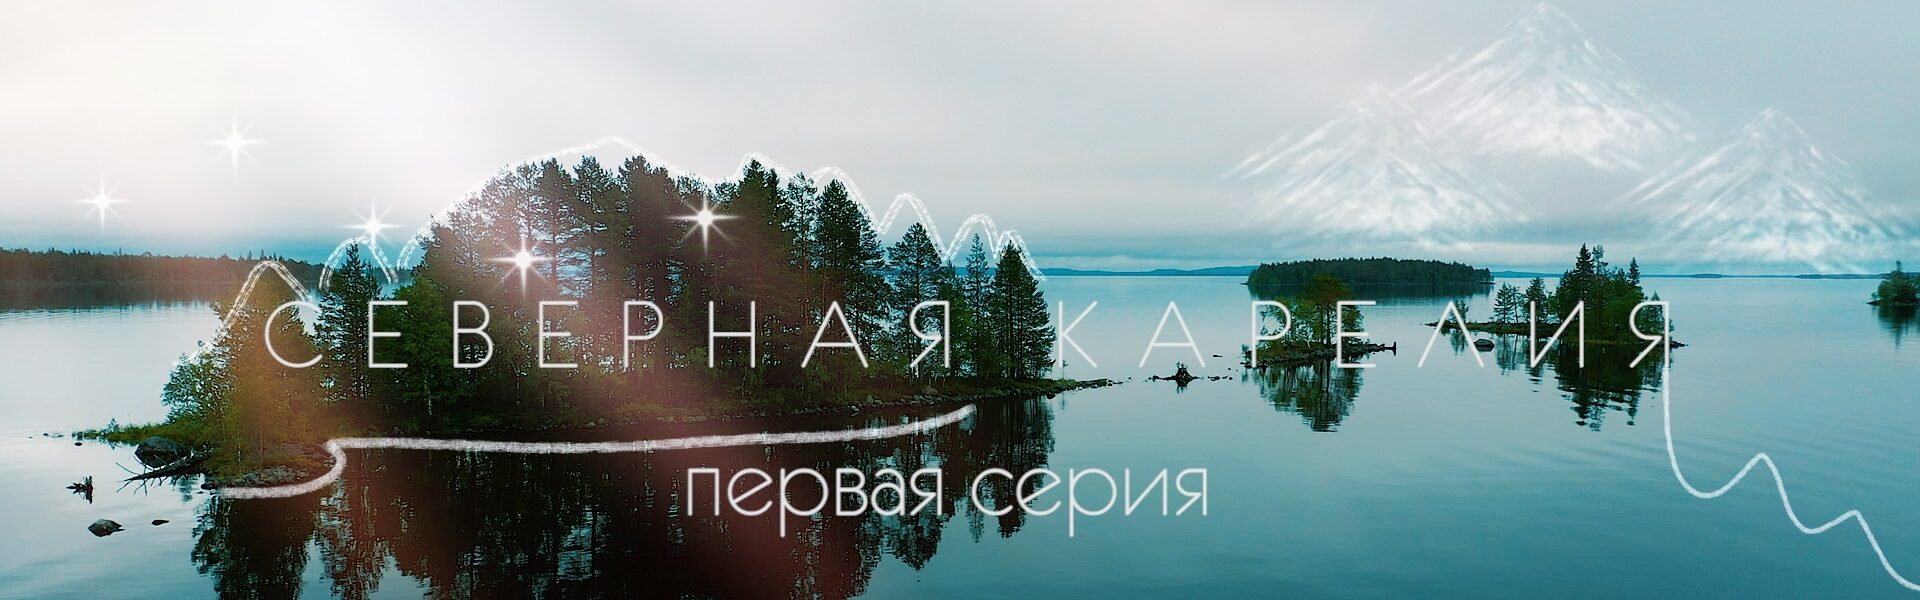 Северная Карелия-2021: первая серия